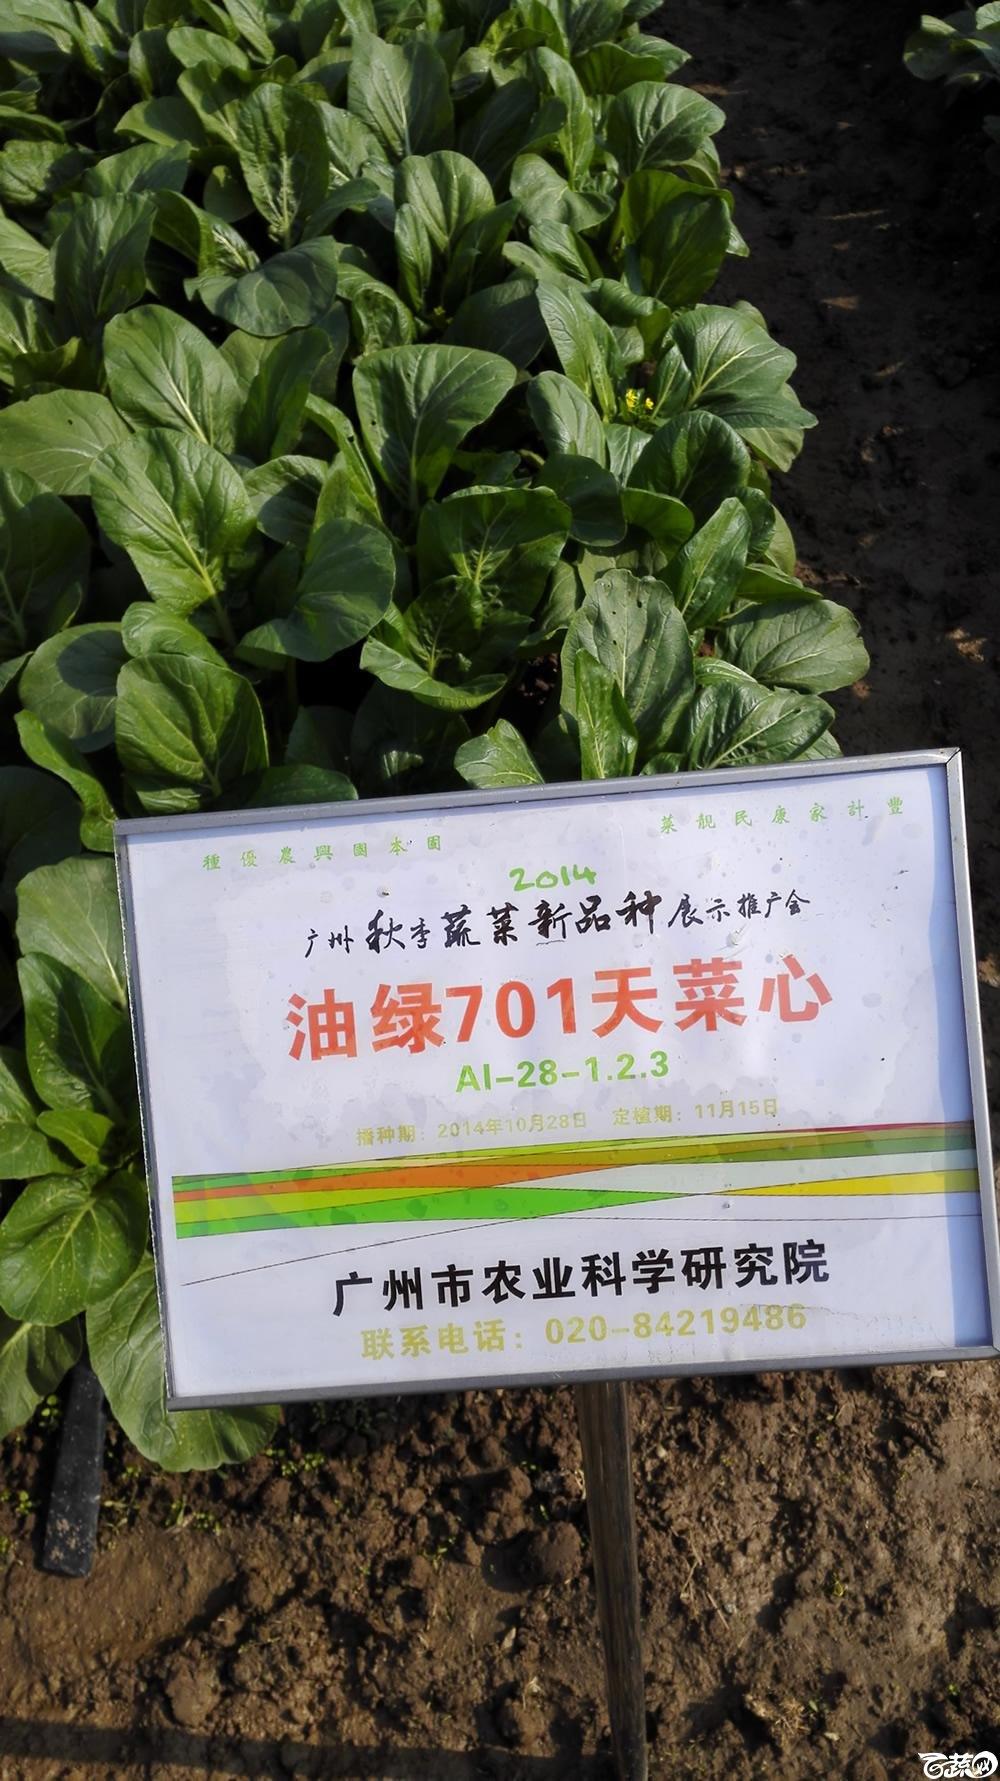 2014年12月10号广州市农科院南沙秋季蔬菜新品种展示会_叶菜_091.jpg